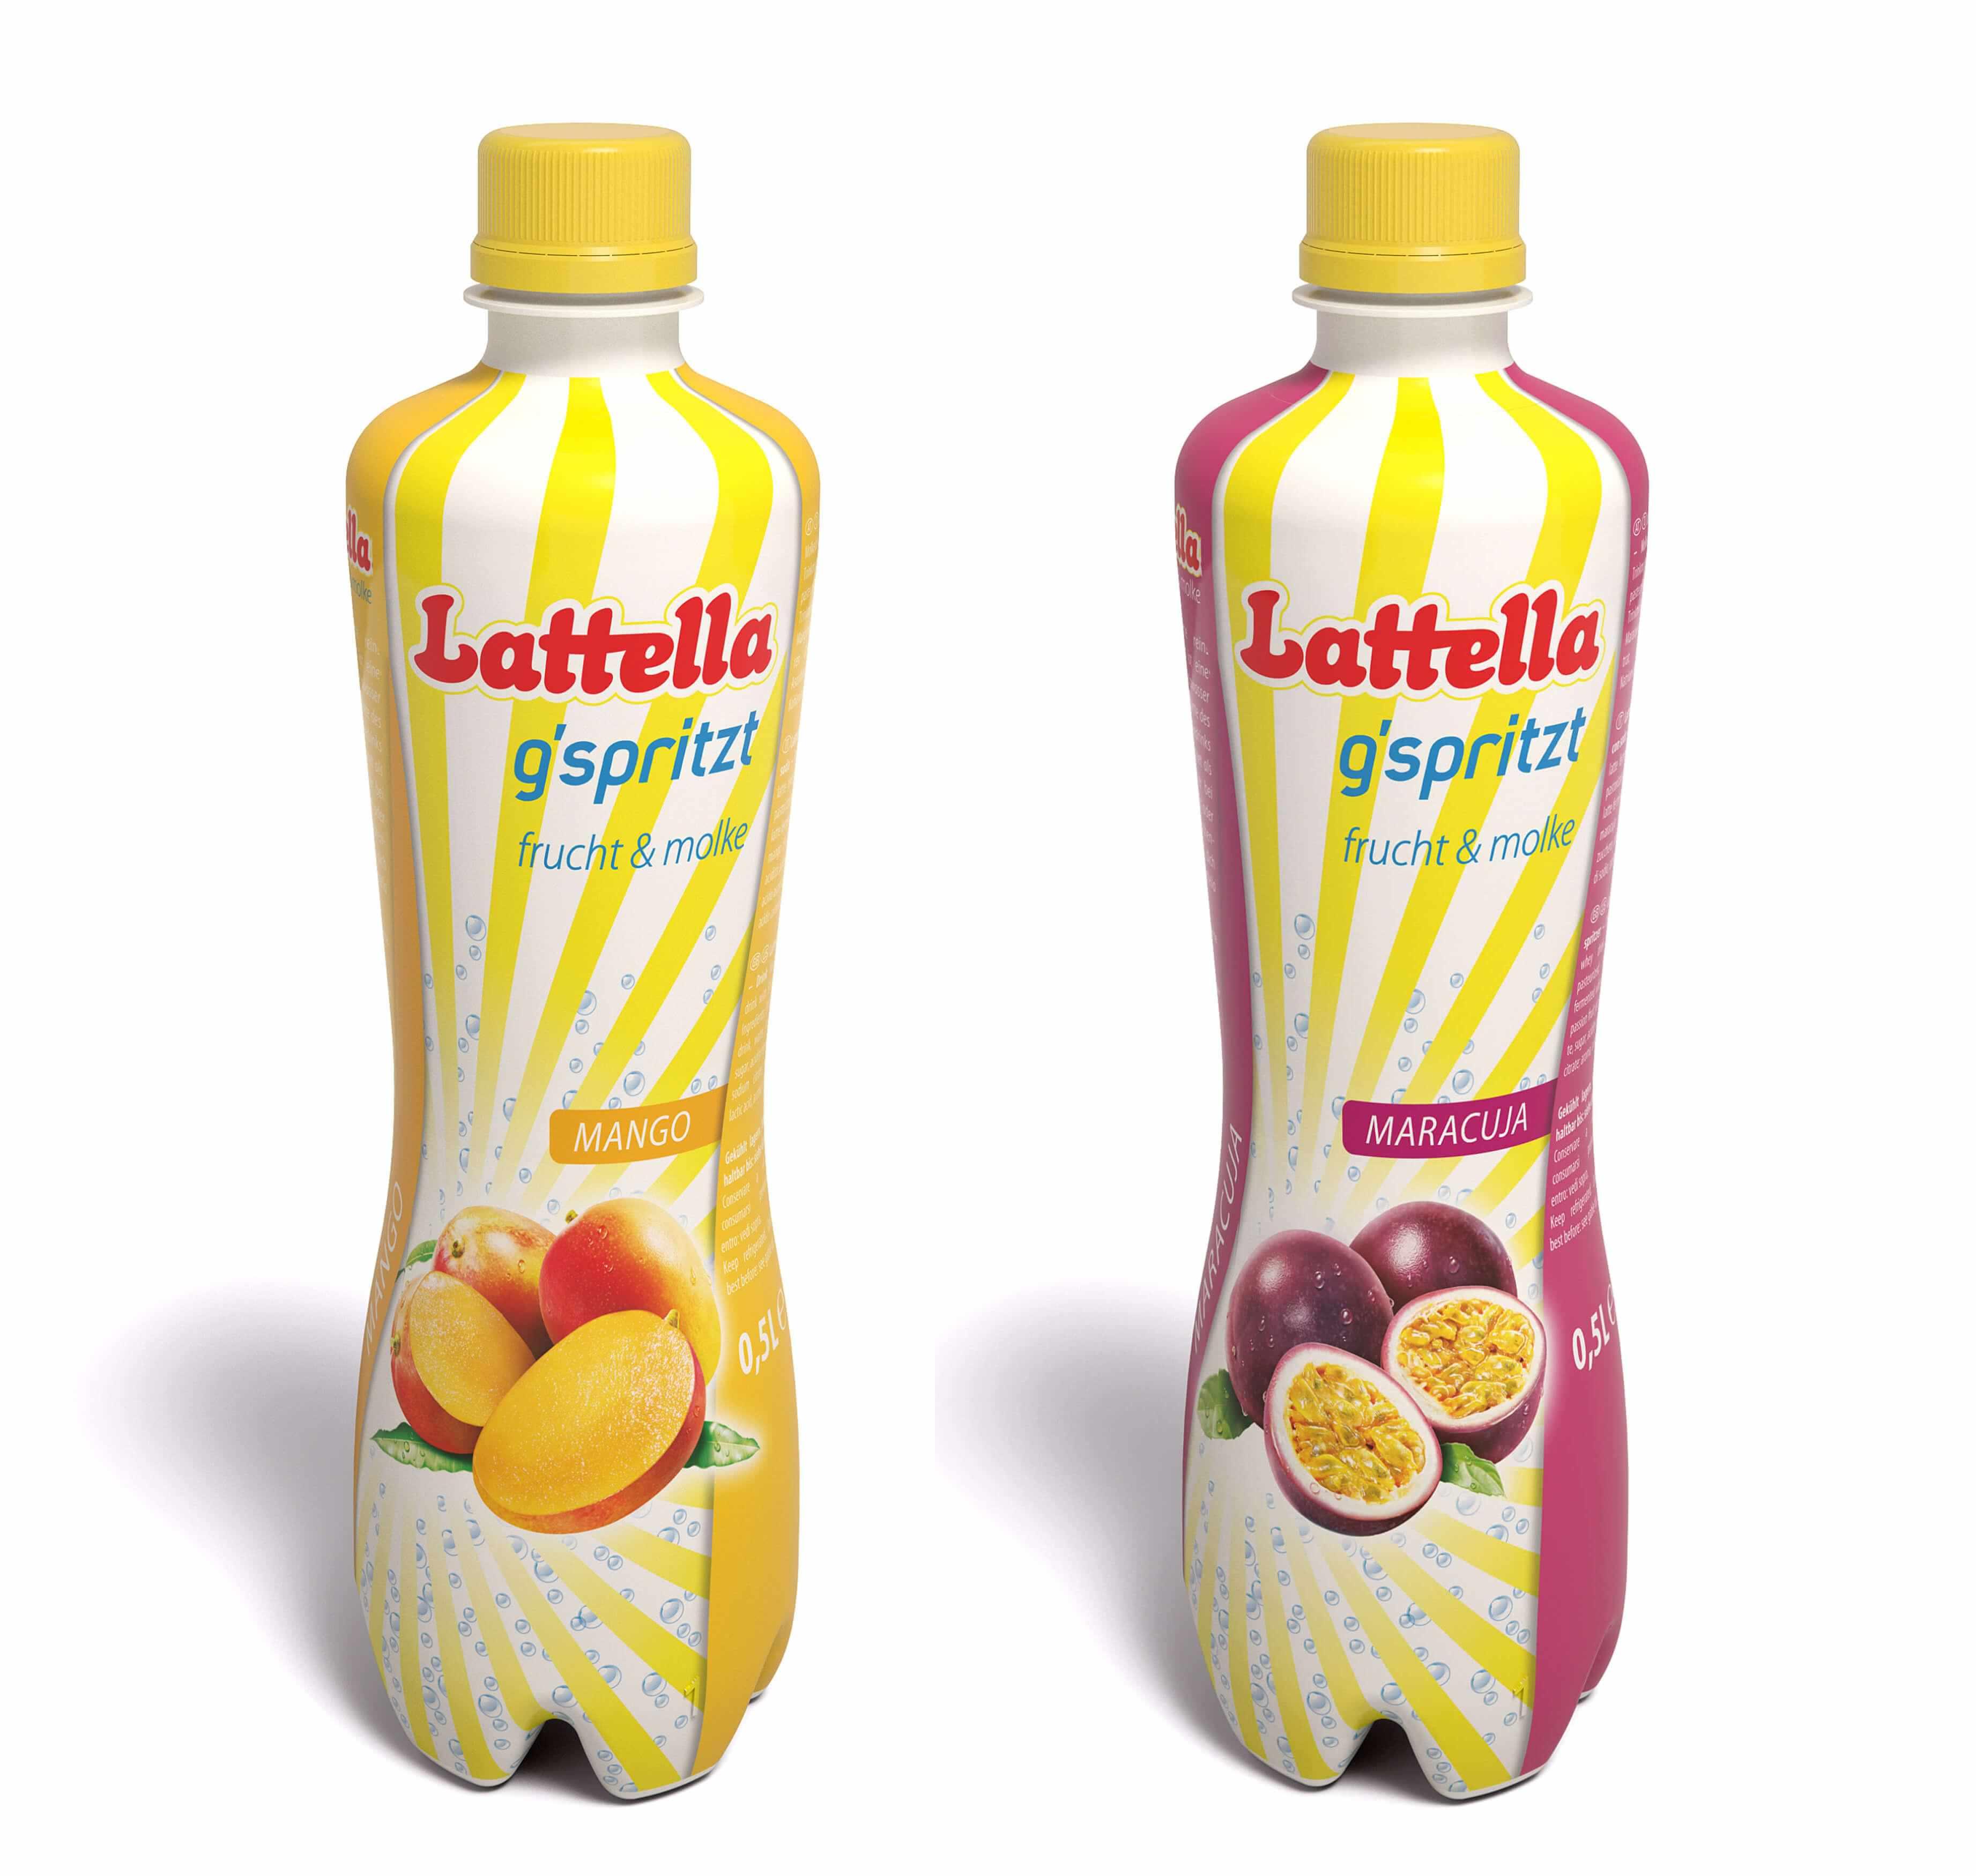 Labvert Lattella 06